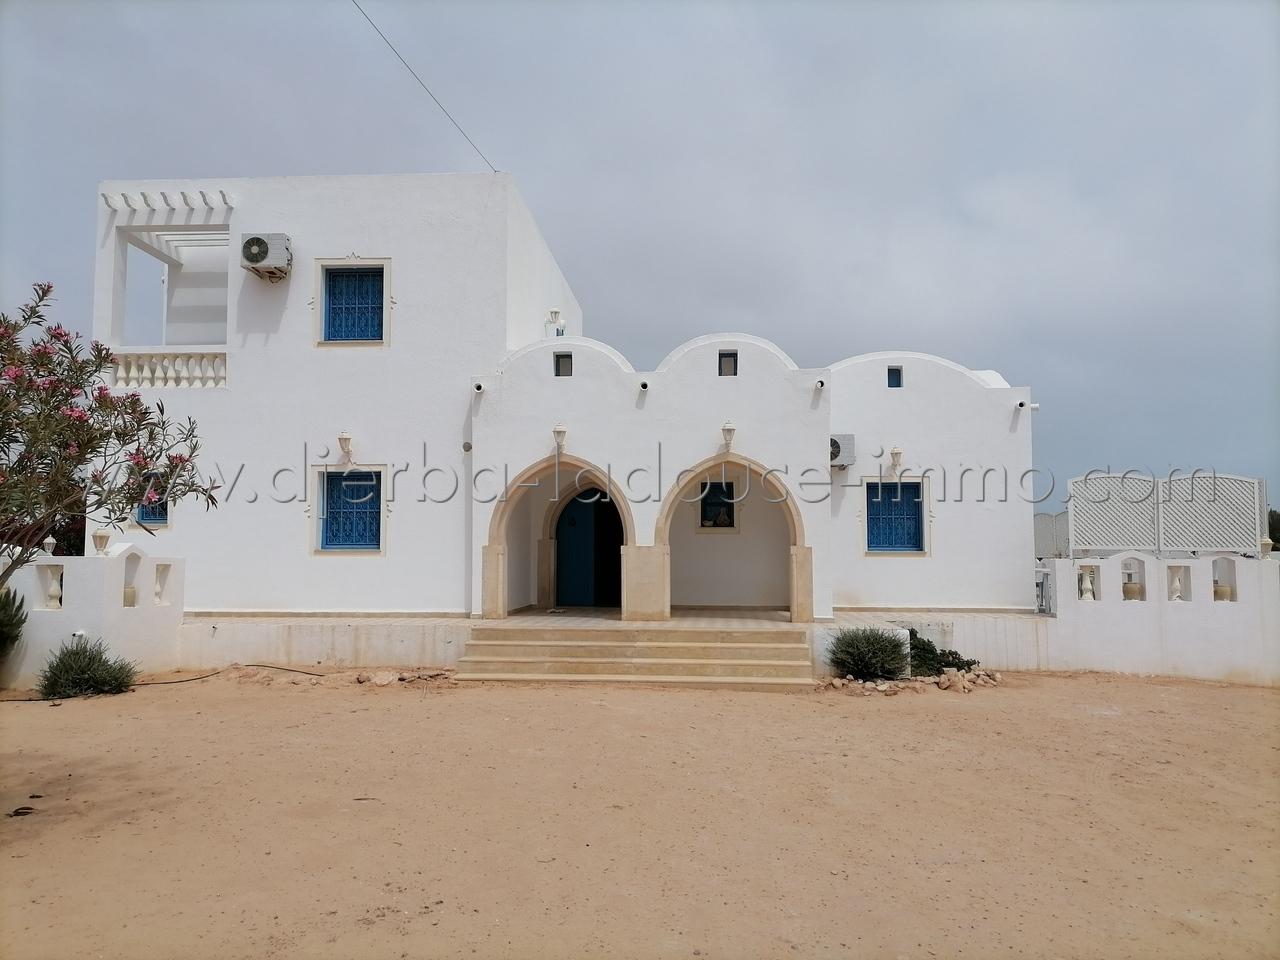 Une Villa meublée avec piscine proche de la plage à louer à Tezdaine – Djerba